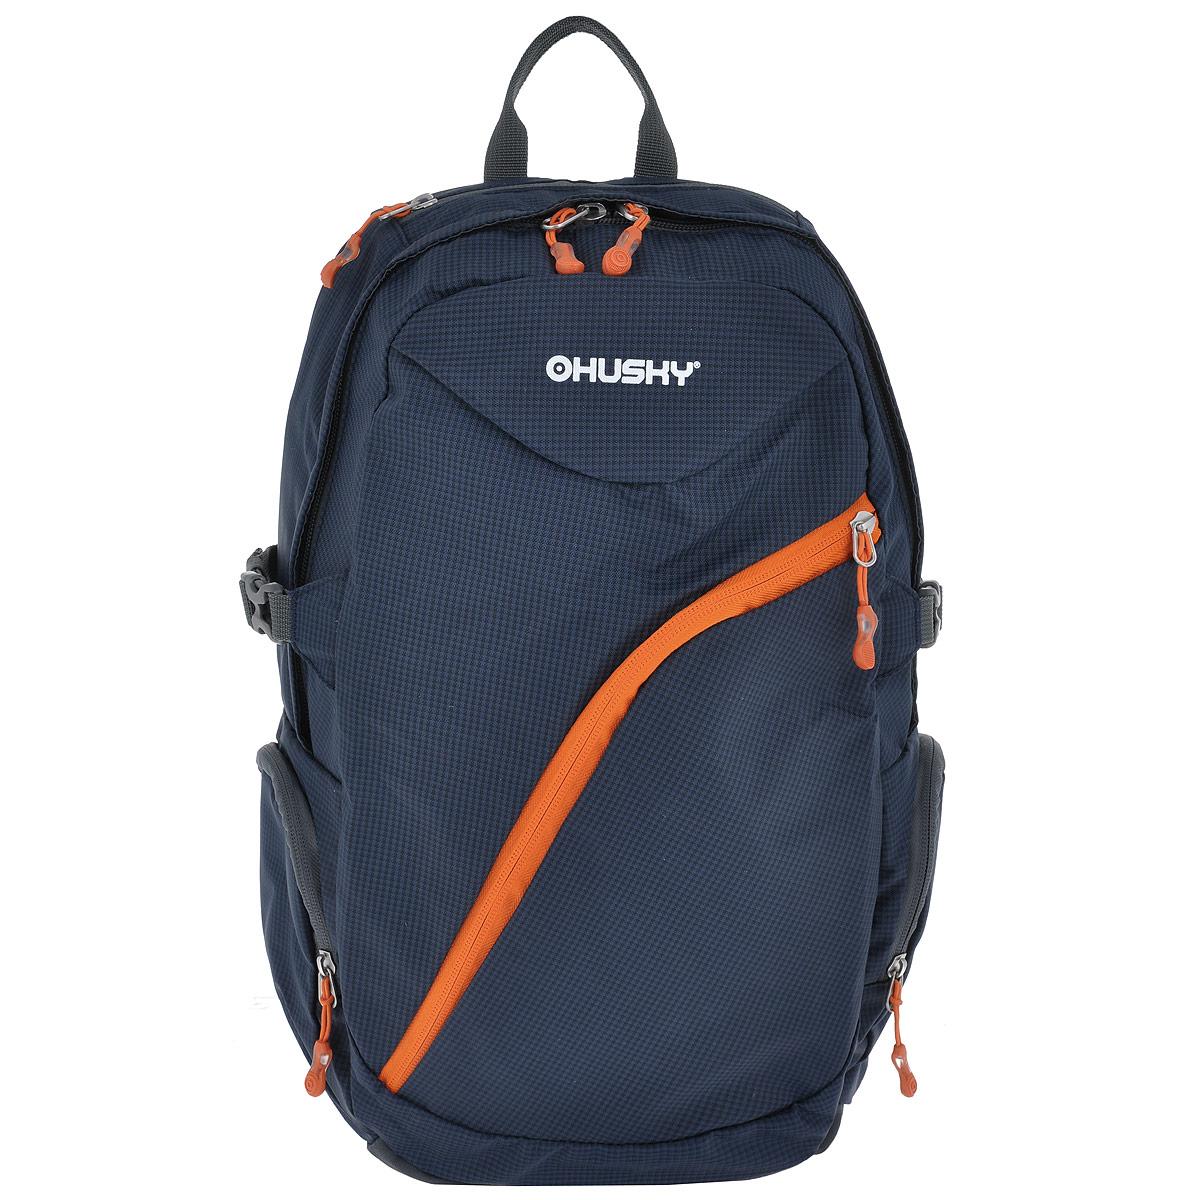 Рюкзак городской Husky Nexy, цвет: темно-синий, оранжевый, 22 лKF0938Городской рюкзак Husky Nexy изготовлен из водонепроницаемого нейлона, оснащен светоотражающими элементами. Рюкзак содержит одно главное отделение, в котором есть карман для переноски ноутбука или планшета.На лицевой стороне находится карман на молнии, внутри которого расположены 4 накладных кармана для канцелярии. По бокам рюкзака находятся 2 кармана на молнии. Сверху также есть 1 карман на застежке-молнии. Рюкзак очень удобно носить благодаря системе вентиляции спины AMS и широким лямкам.Вес: 550 г.